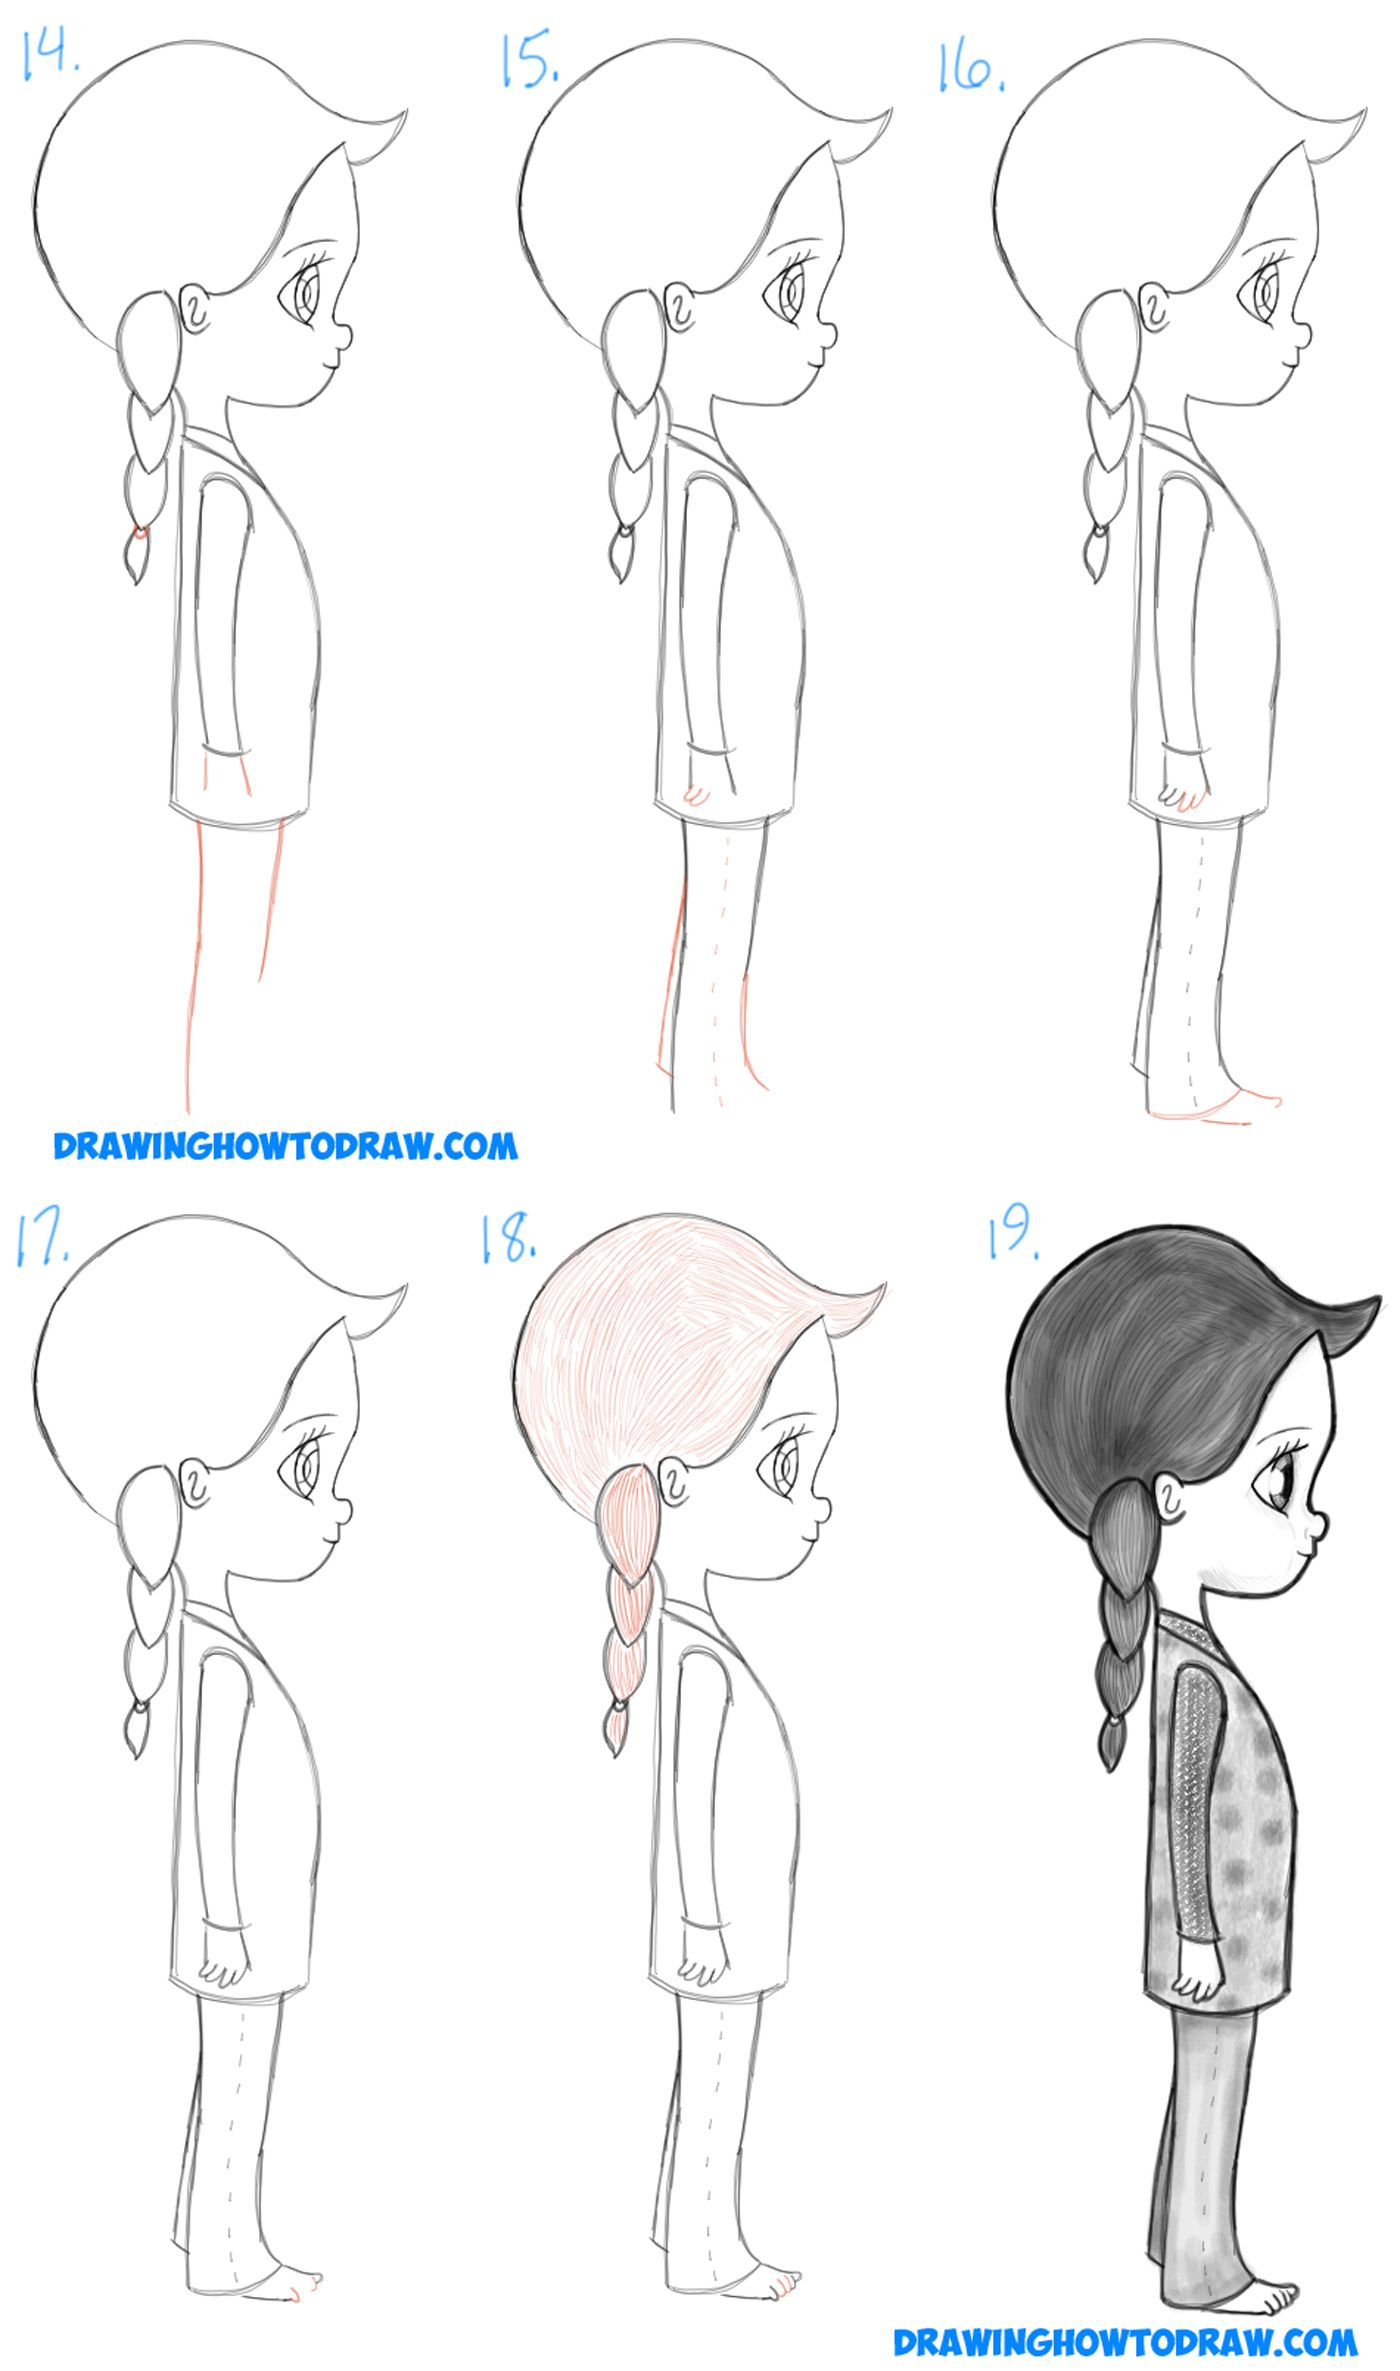 Pin on Art tutorials